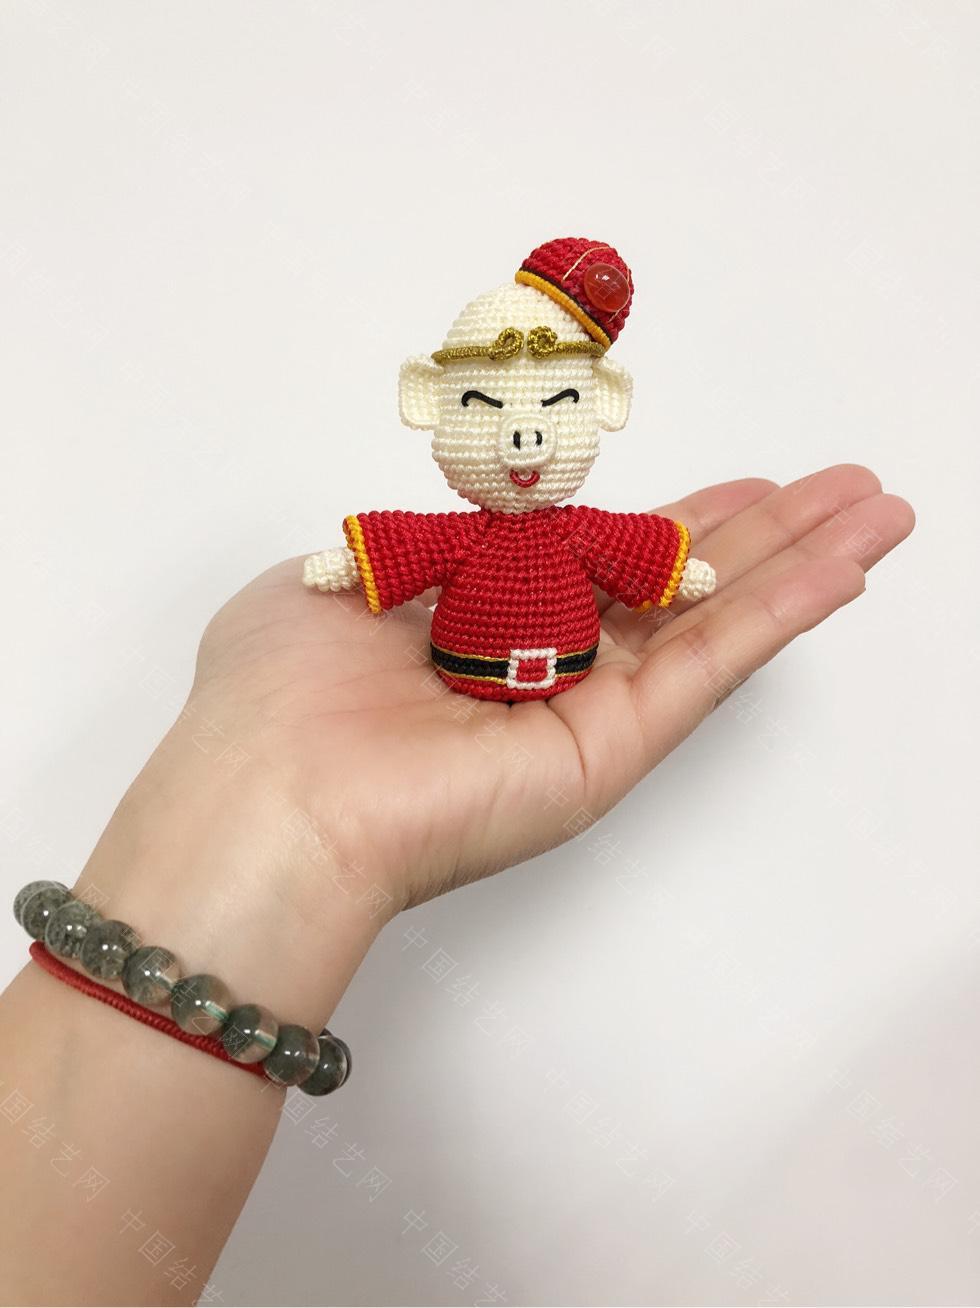 中国结论坛 仿璇啭老师的猪财神 结果硬生生的被我编成了猪八戒  作品展示 164408qxquxpkk7kqxc7ss